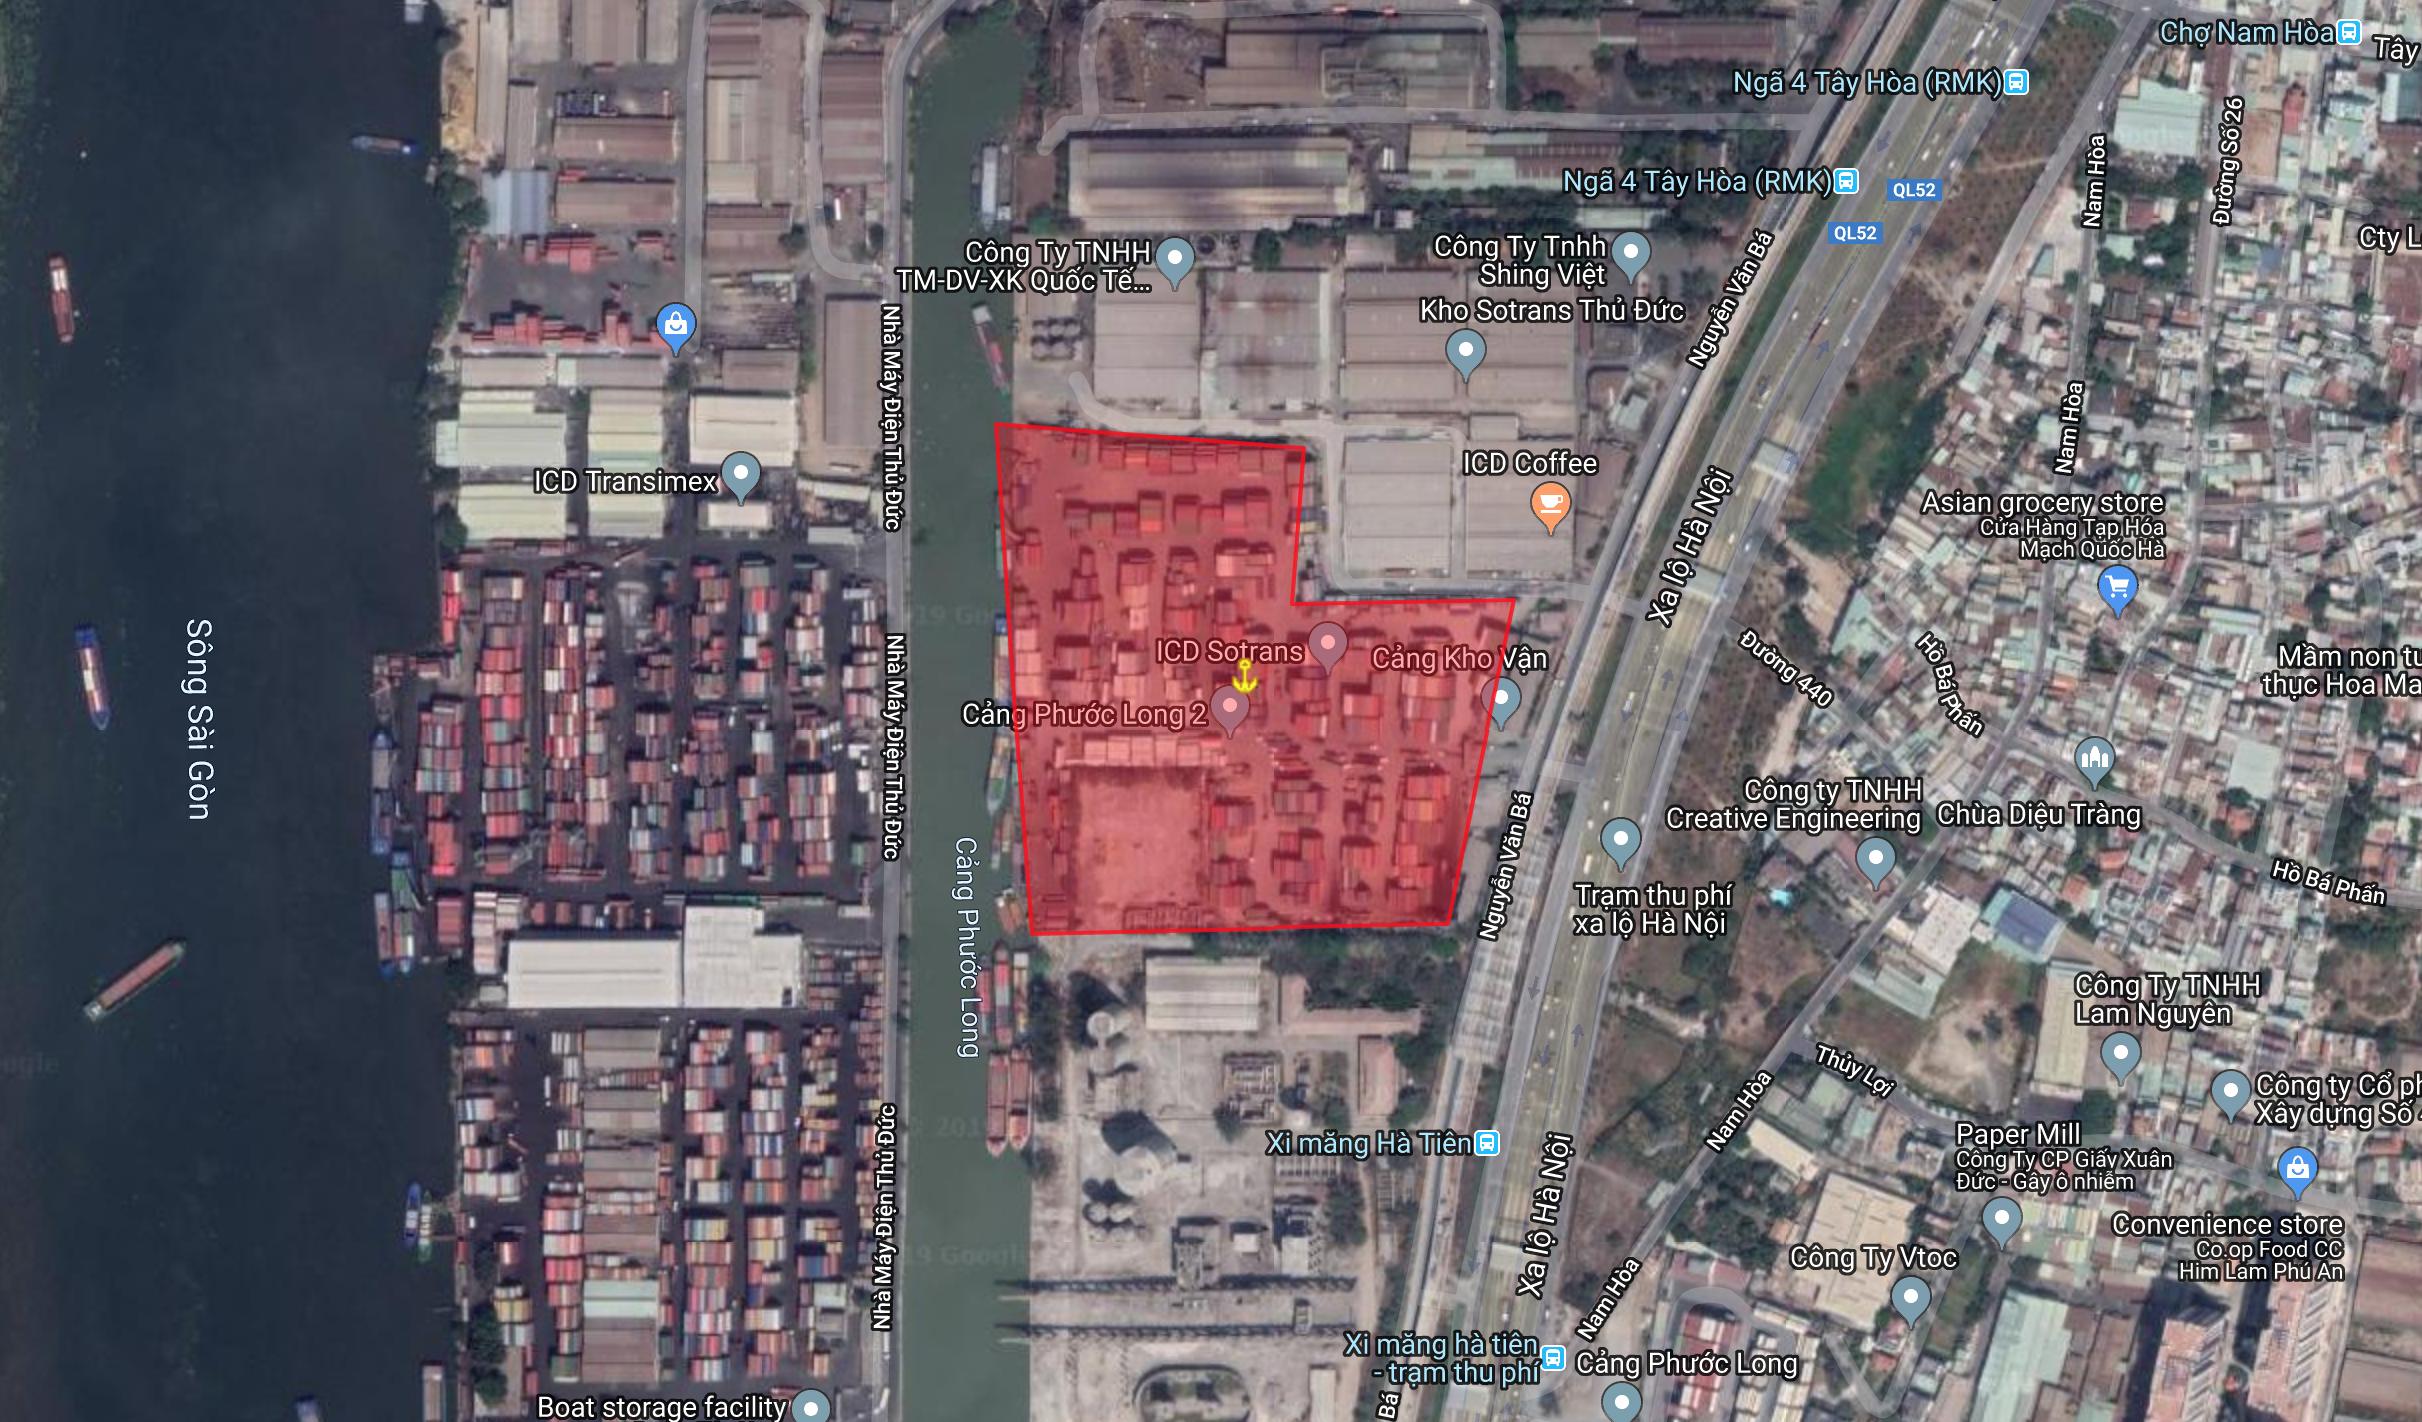 HCM | Cảng Kho vận Miền Nam Trường Thọ, Thủ Đức, Tp.HCM | Bán cảng đường thuỷ | Cảng thuỷ nội địa